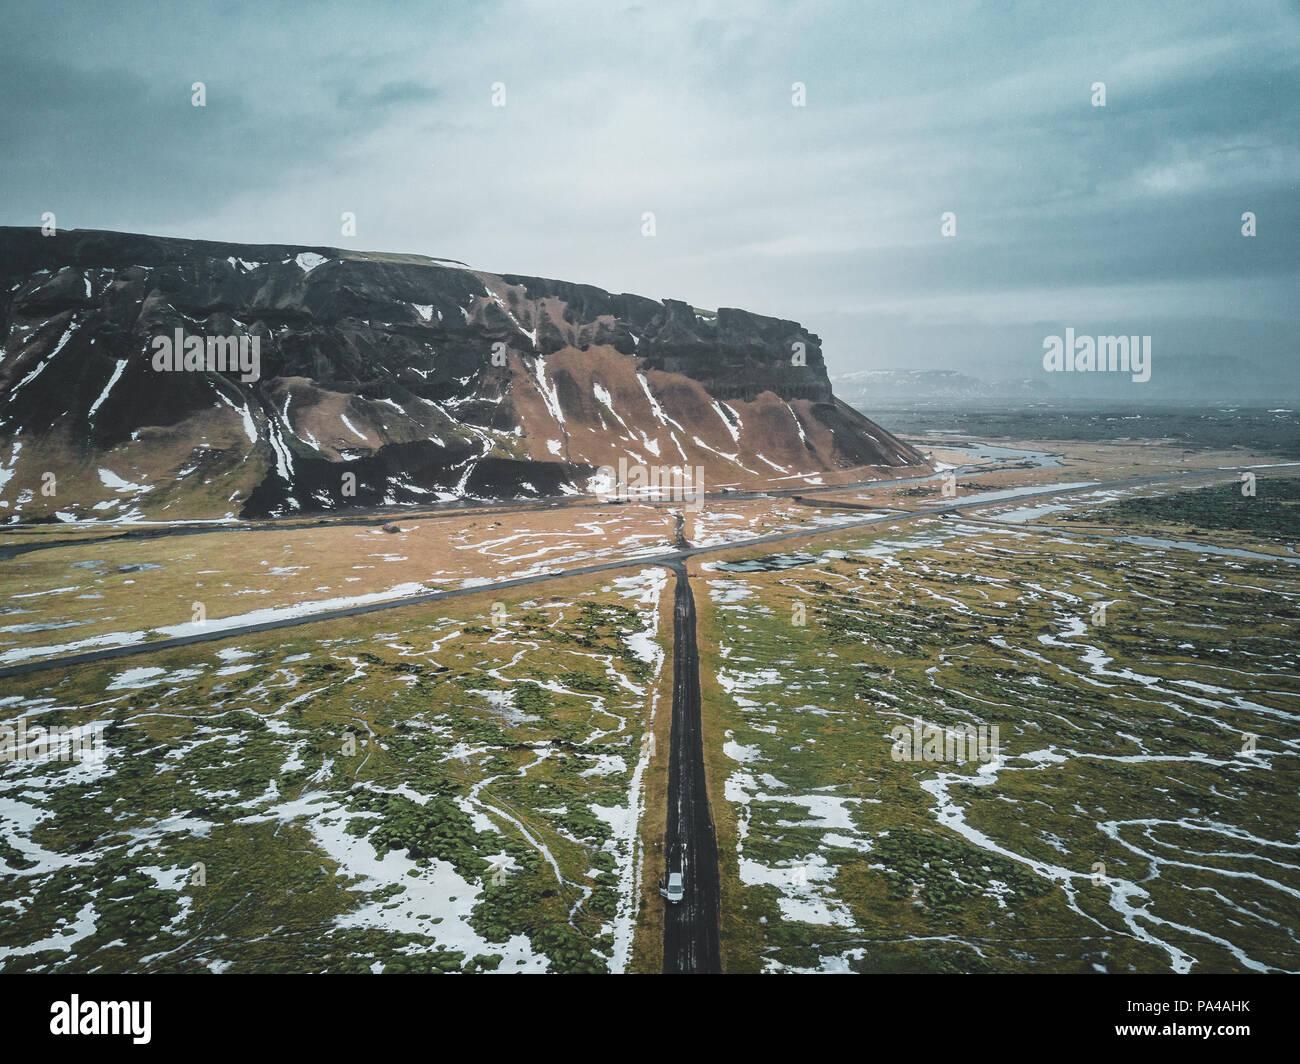 Fotografía aérea de montaña y carretera de circunvalación en Islandia con musgo verde y nieve Imagen De Stock